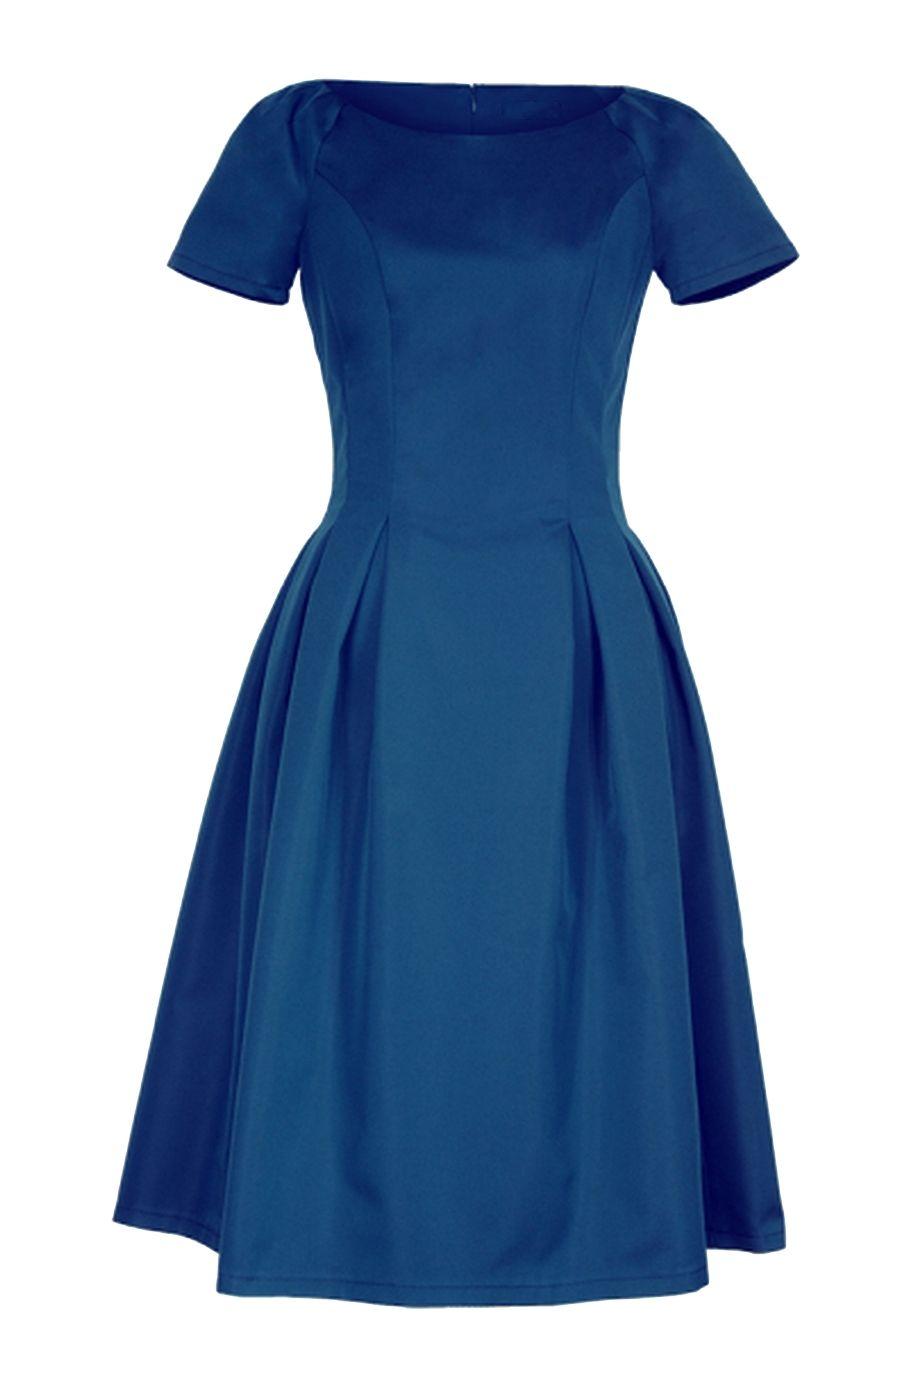 Craquez pour cette robe bleu roi très chic à jupe évasée parfaite pour une  cérémonie ou un cocktail. 6b29ce176324